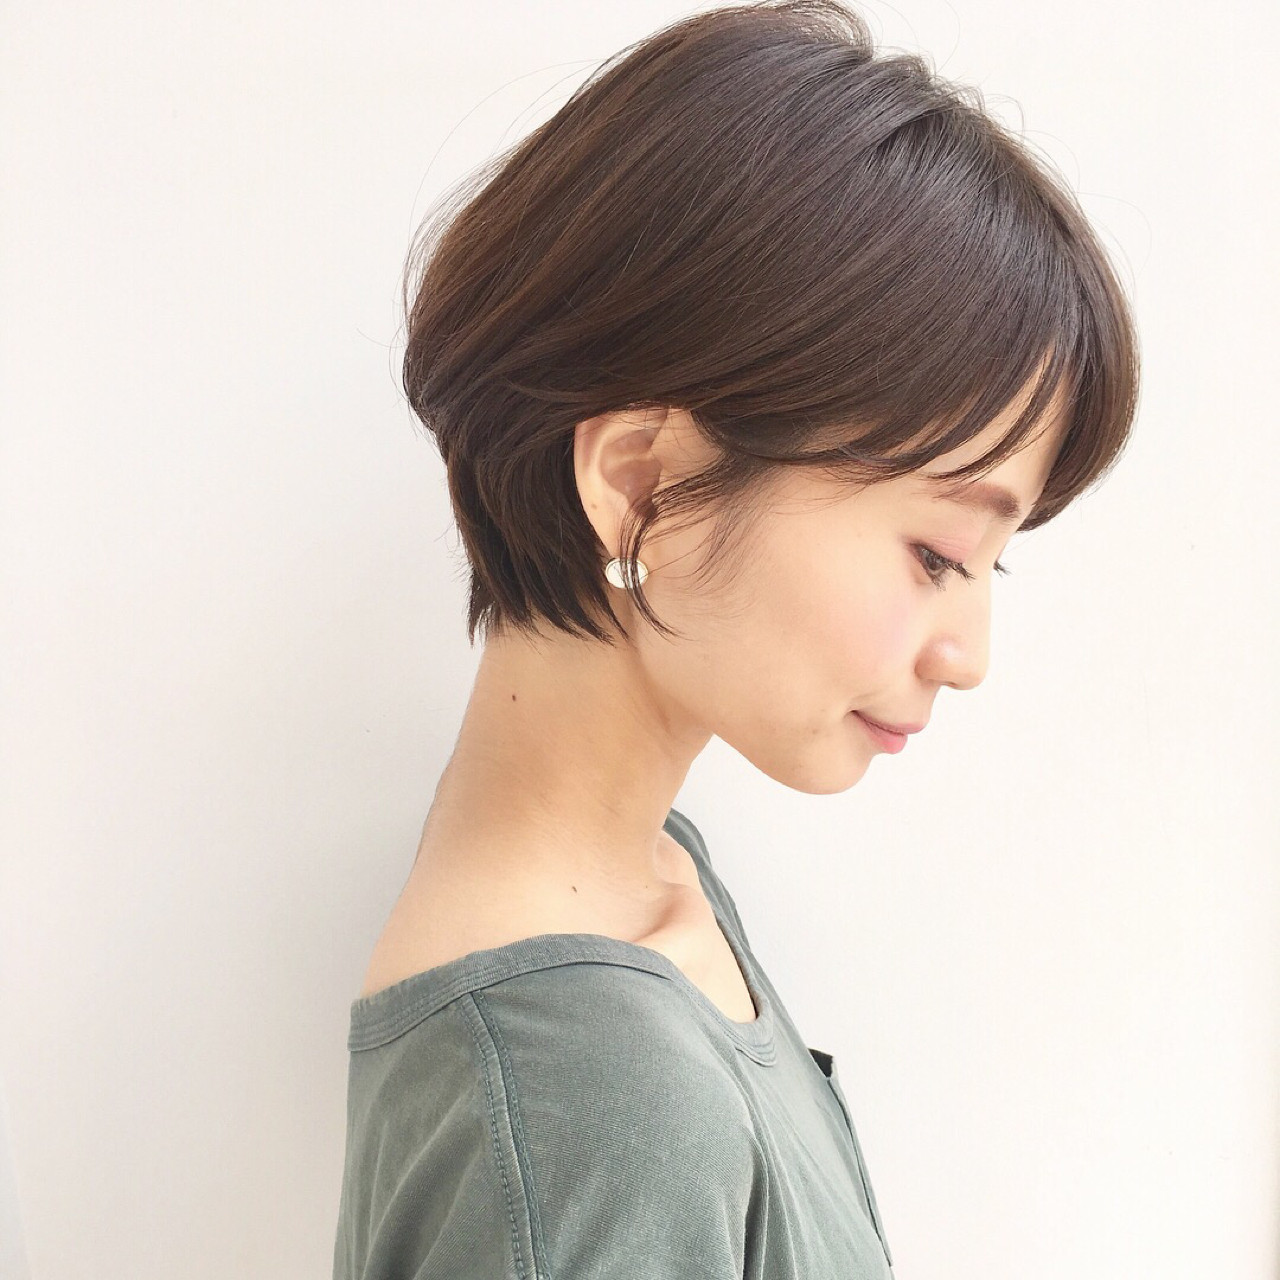 結婚式 ヘアアレンジ リラックス ショート ヘアスタイルや髪型の写真・画像 | ショートボブの匠【 山内大成 】『i.hair』 / 『 i. 』 omotesando